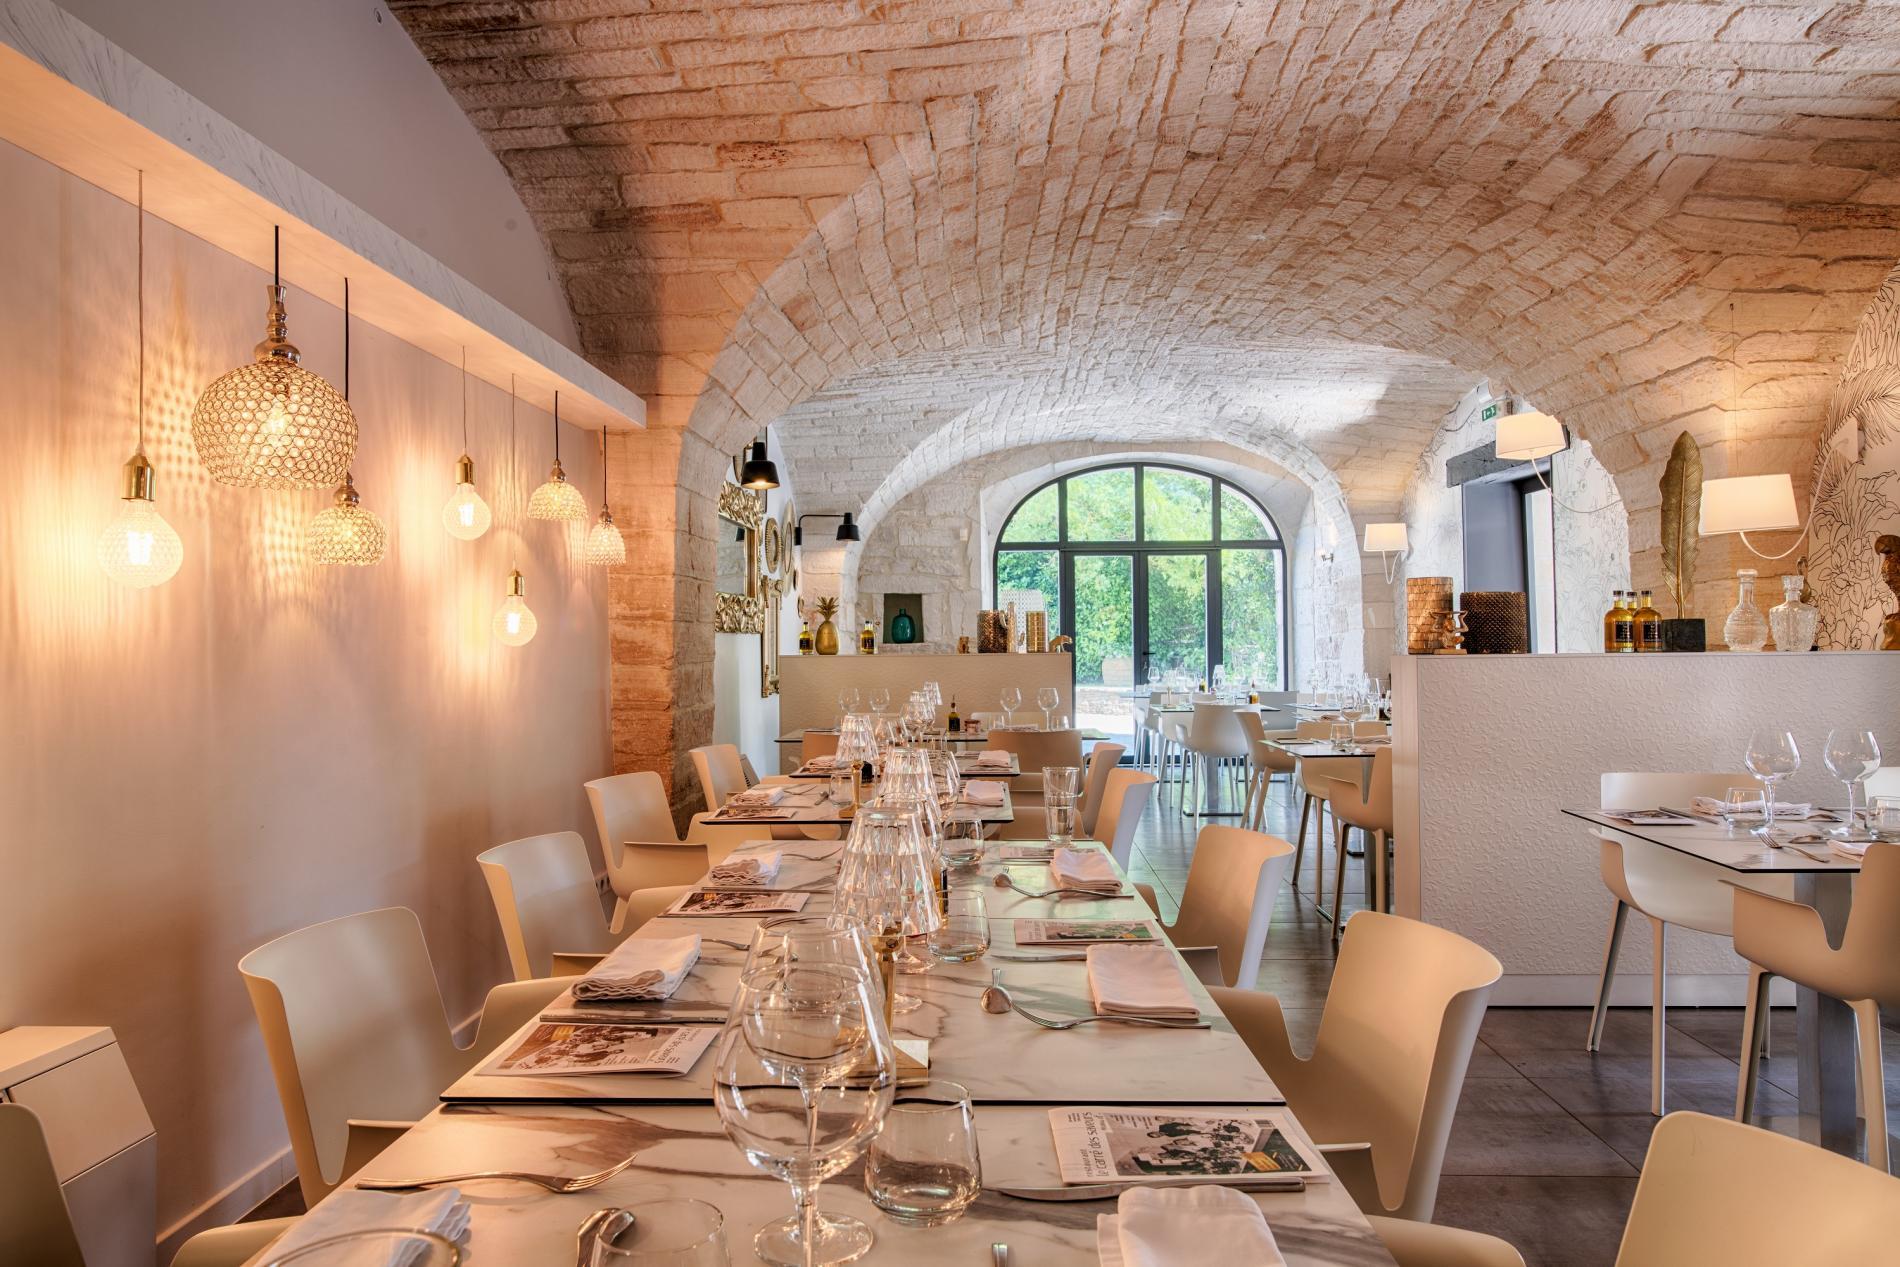 Restaurant Bistronomique Barjac